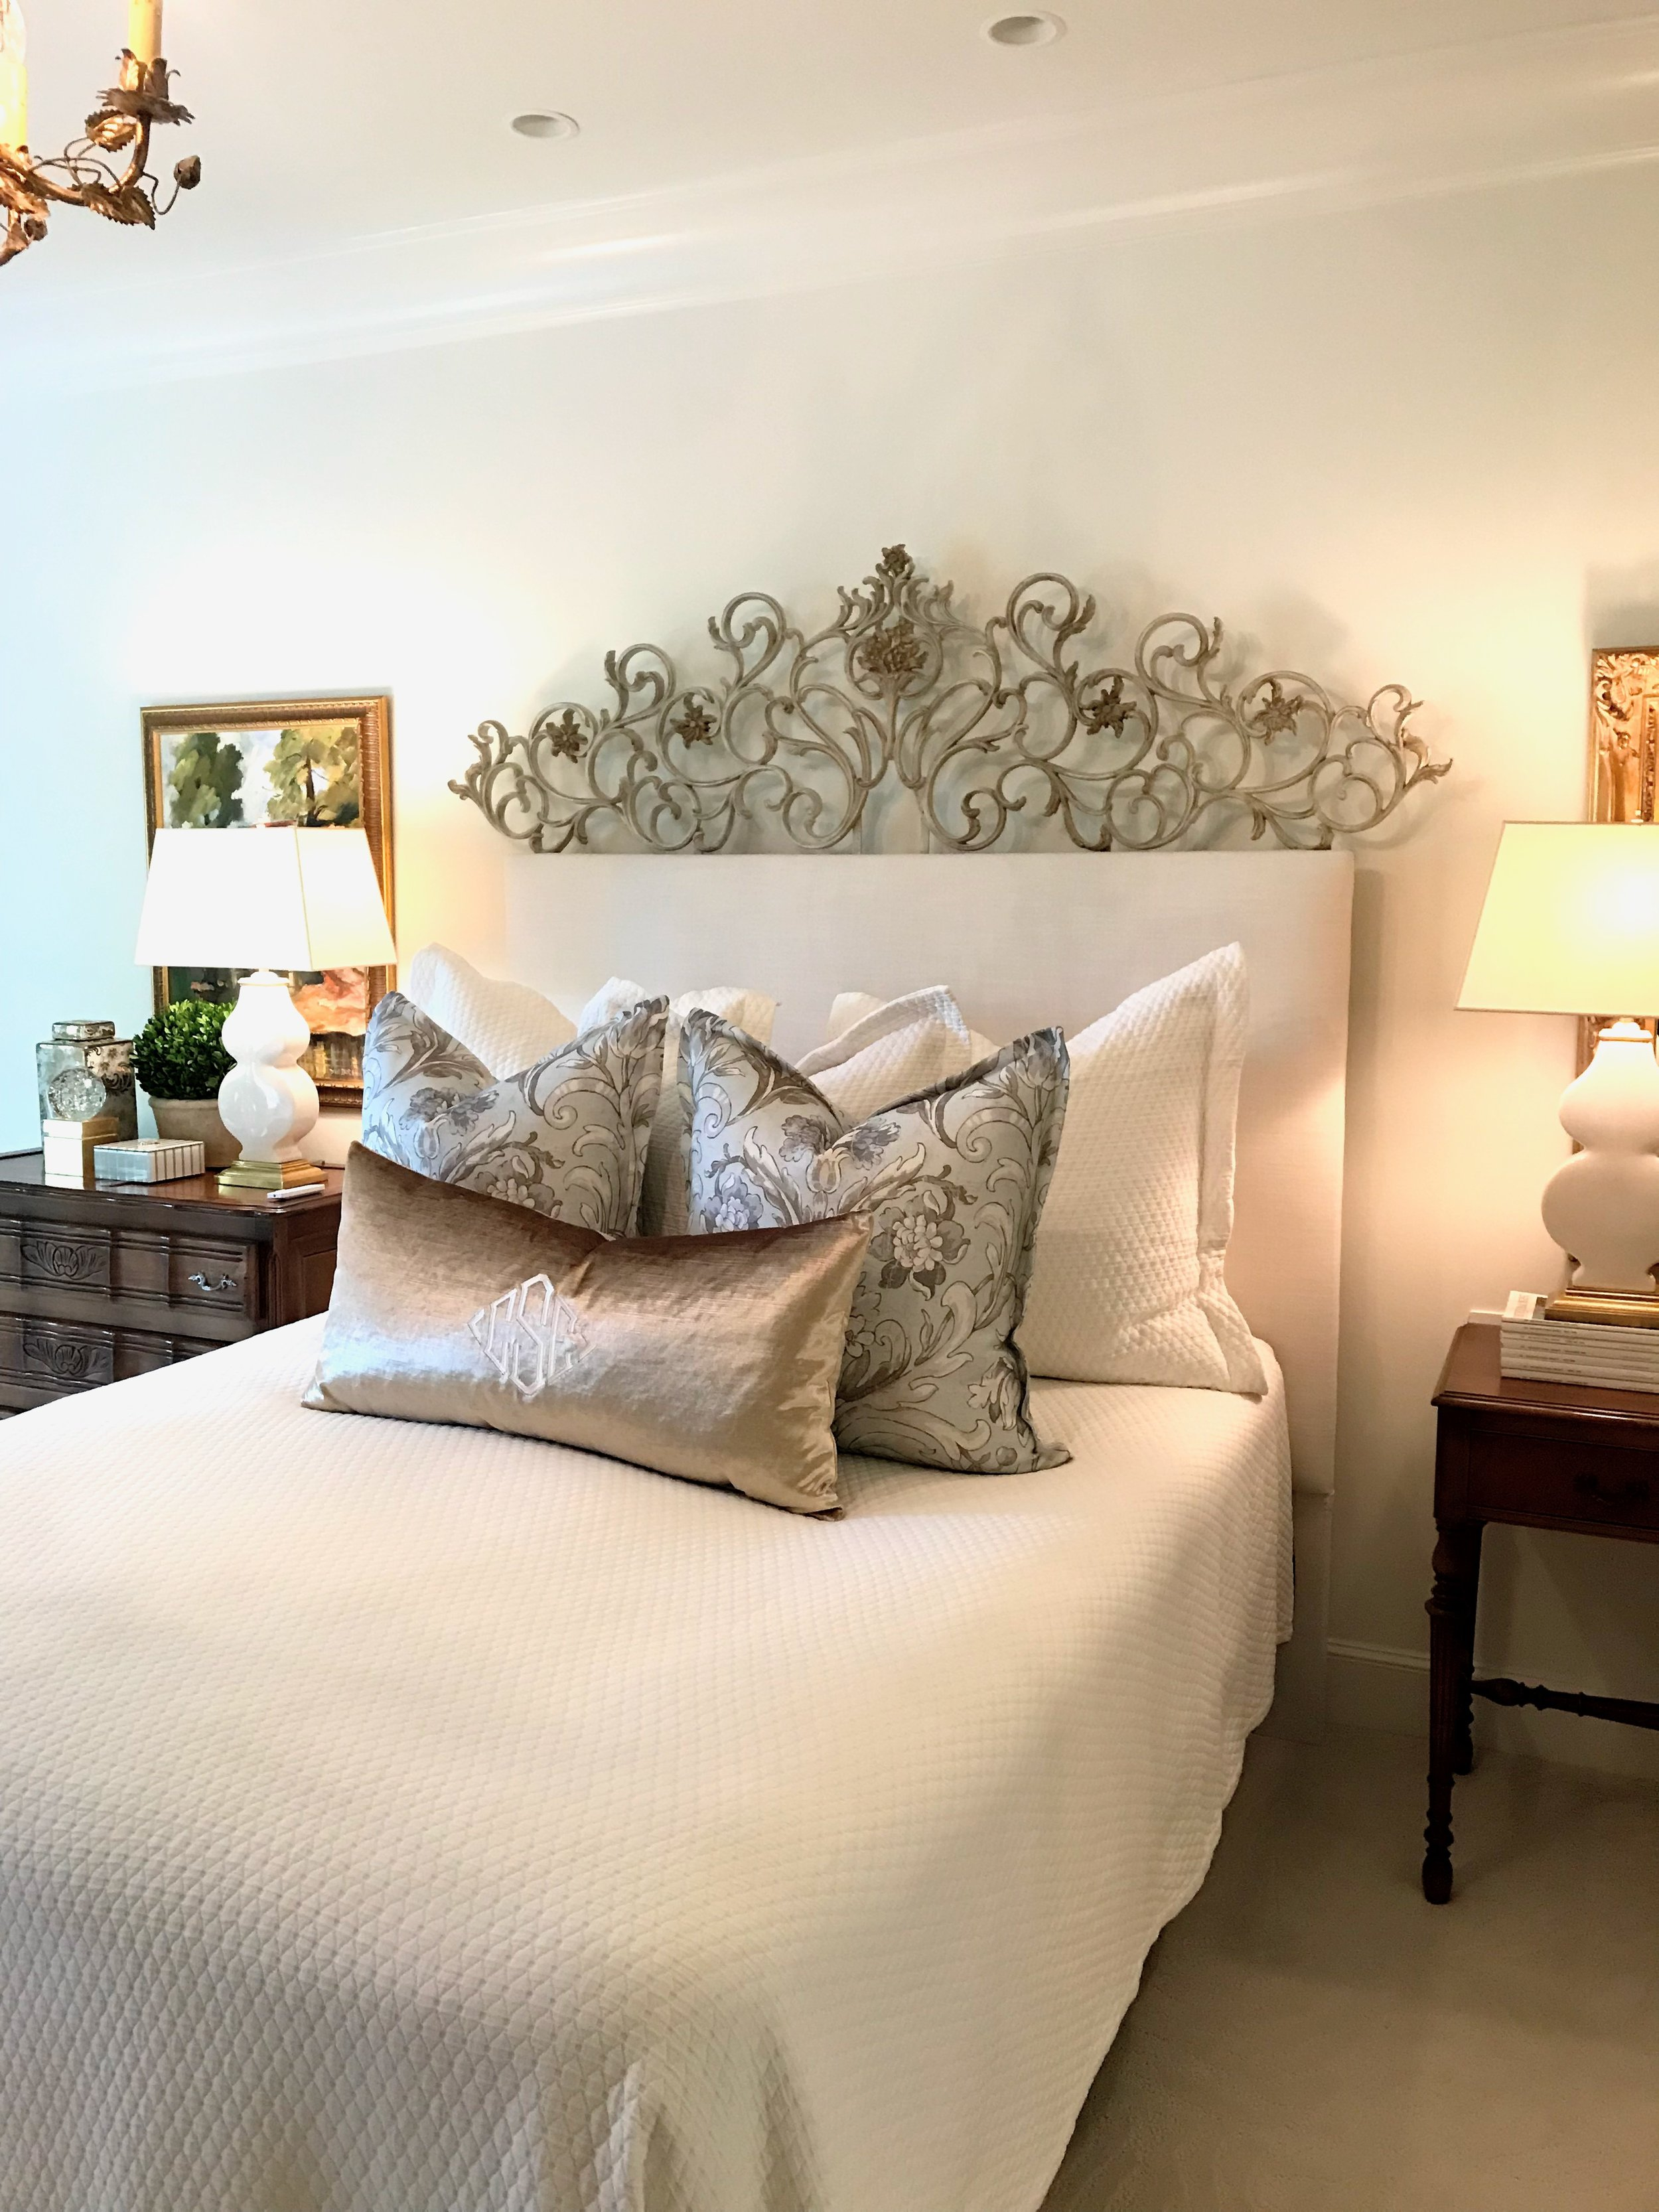 Bedding Pillows  / After